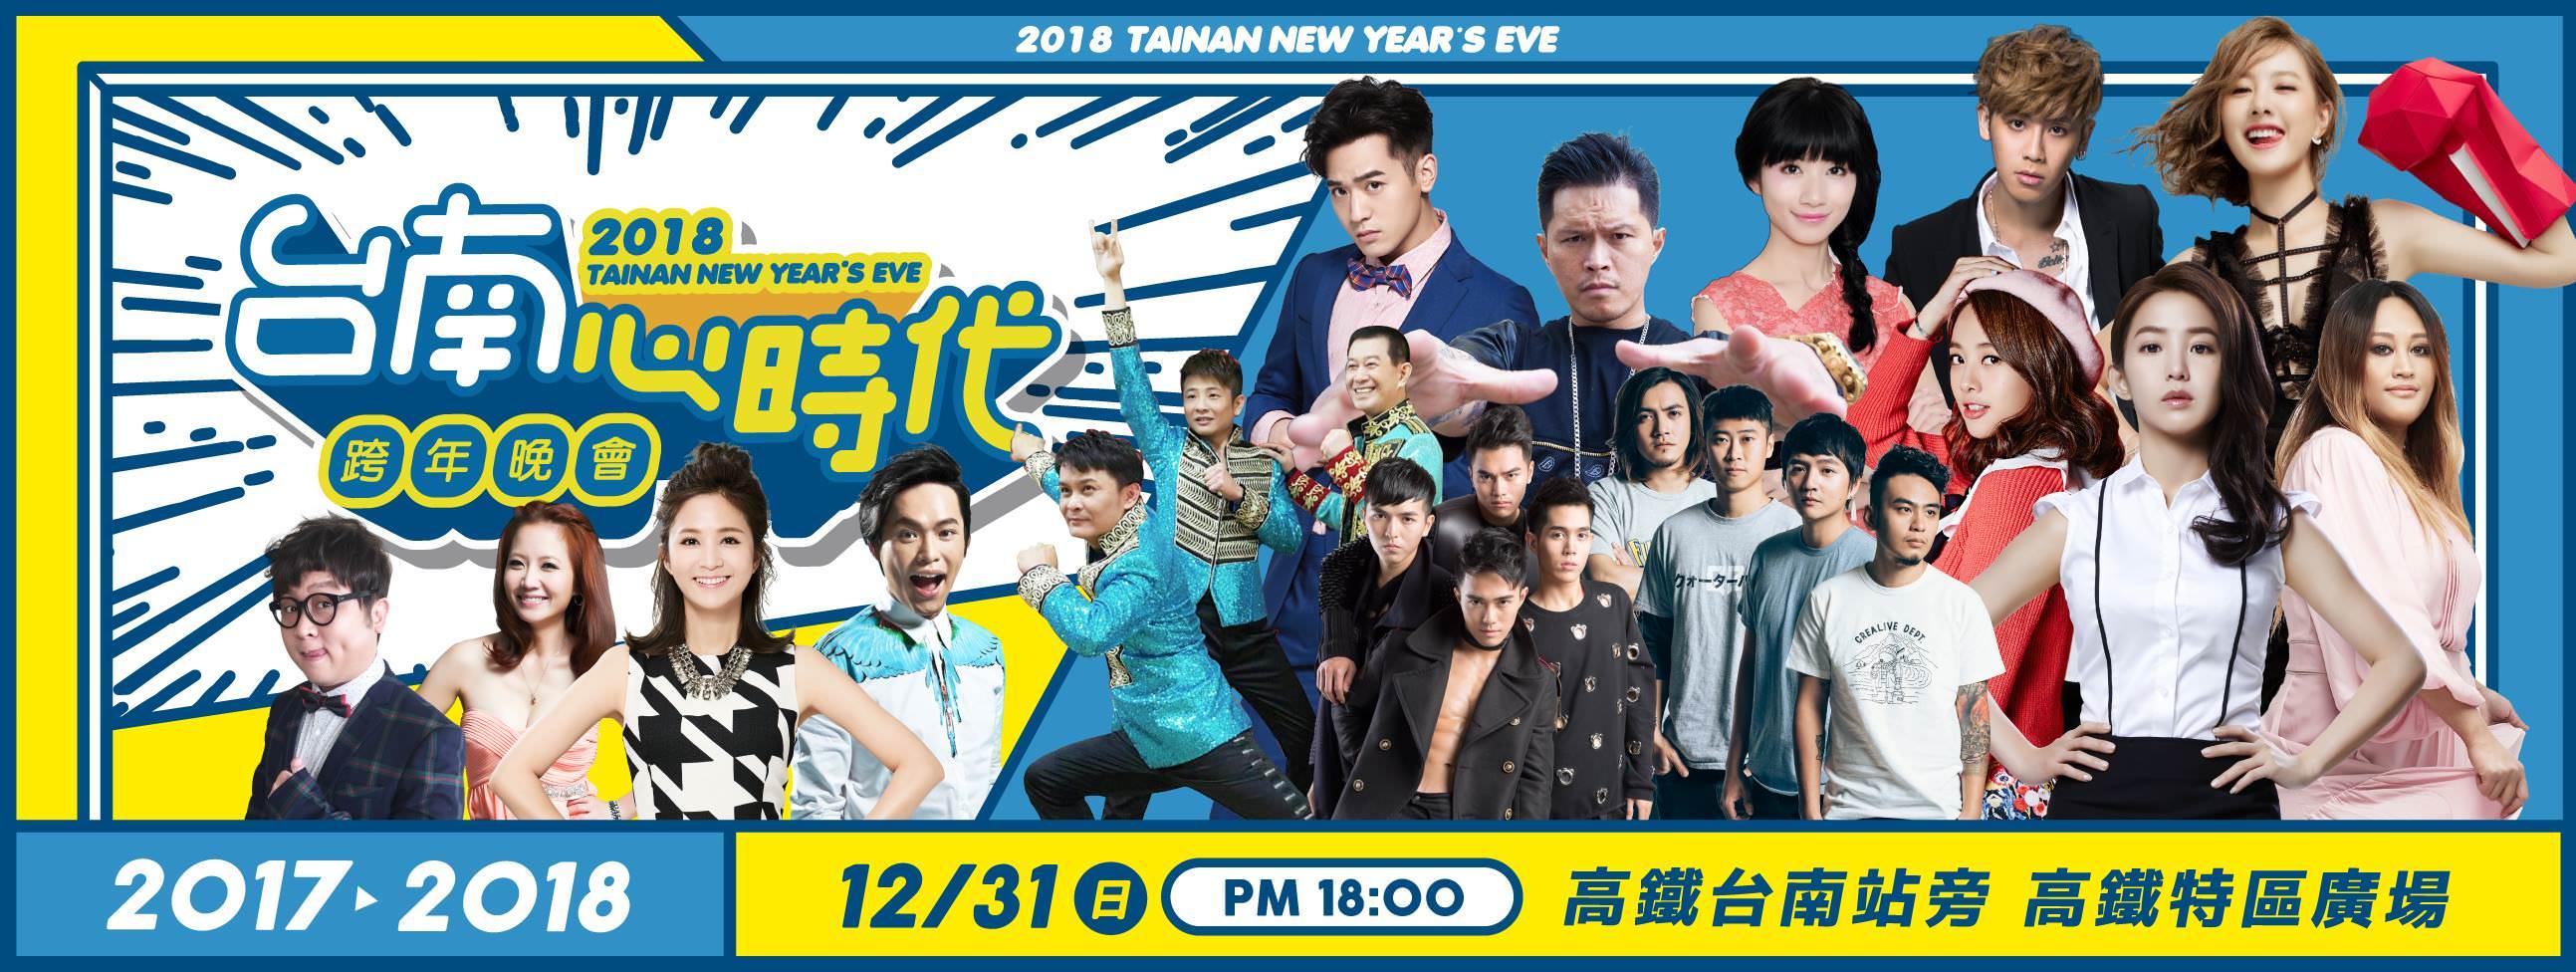 2018台南跨年晚會、卡司陣容、交通資訊